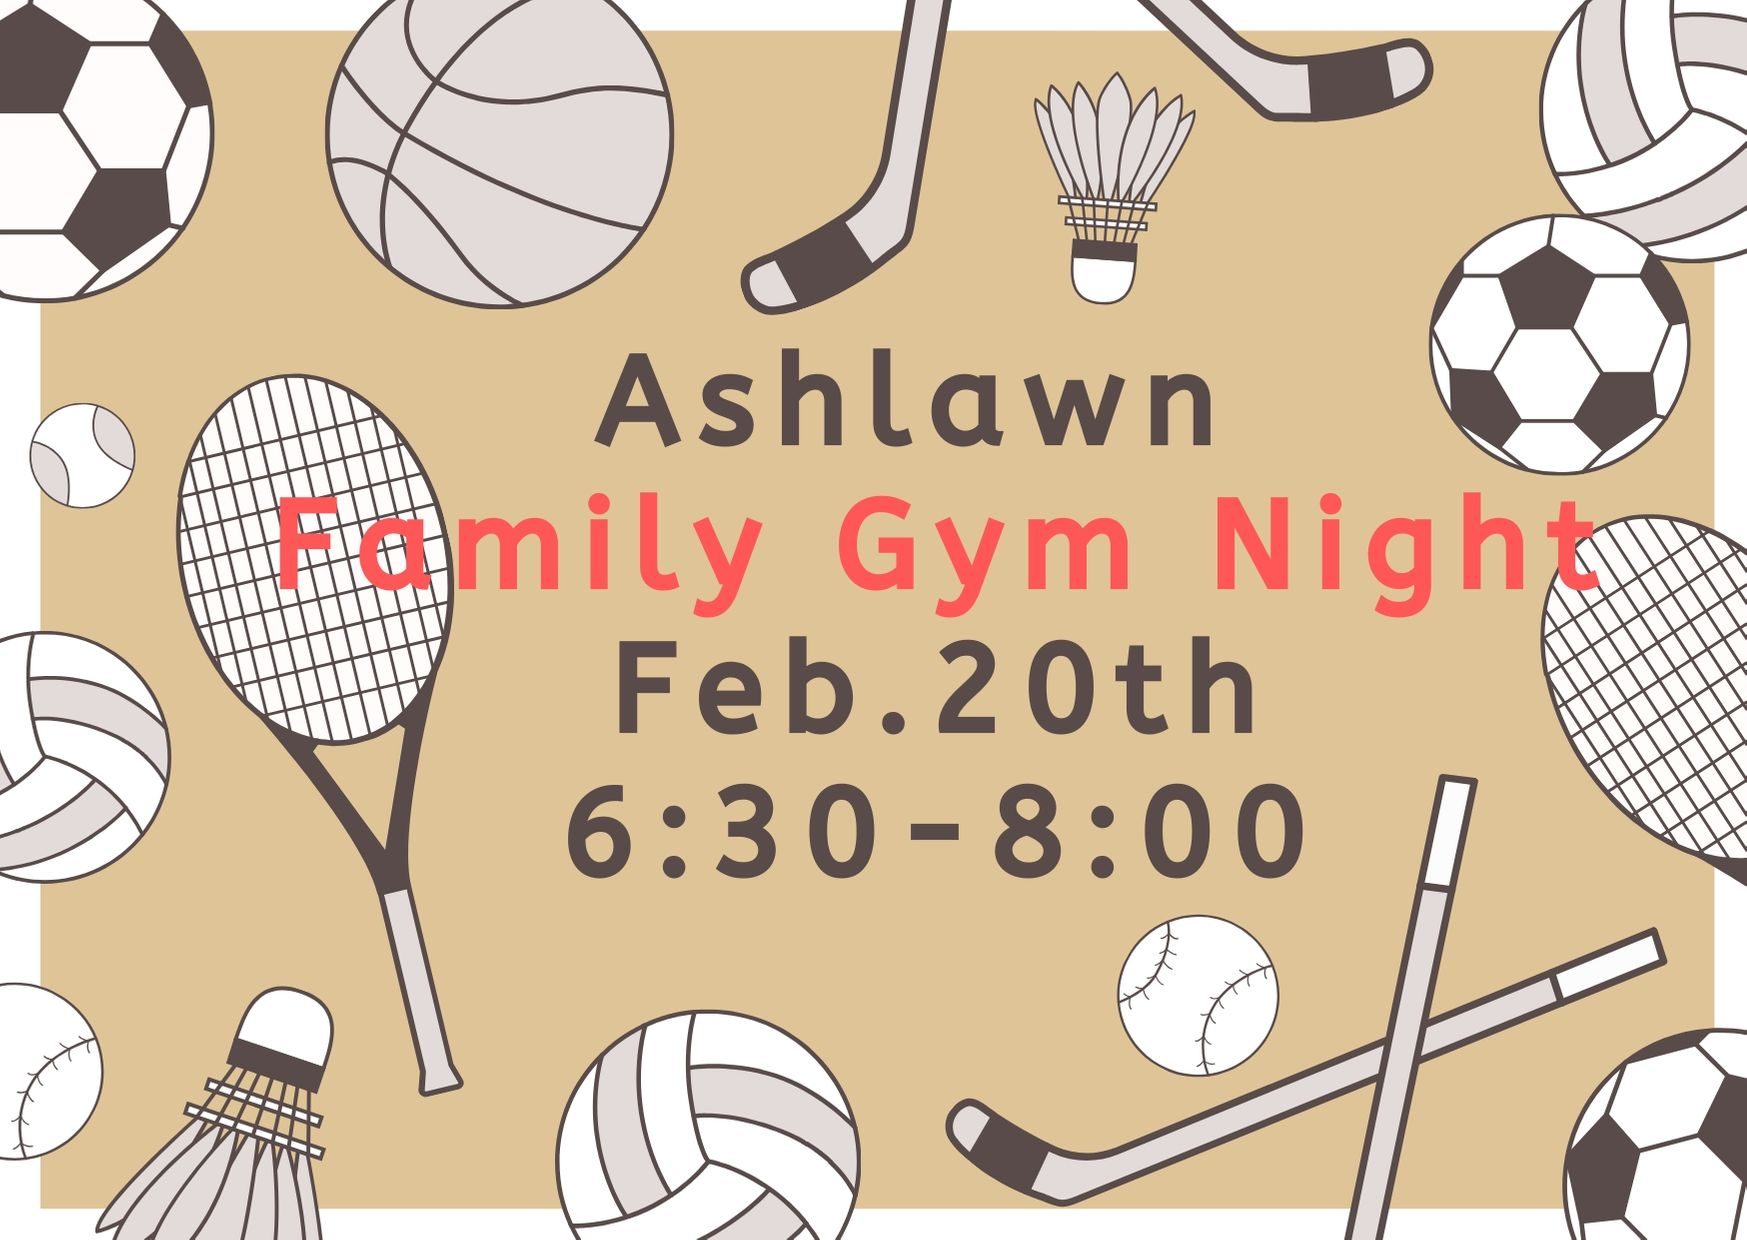 Ashlawn Family Gym Night